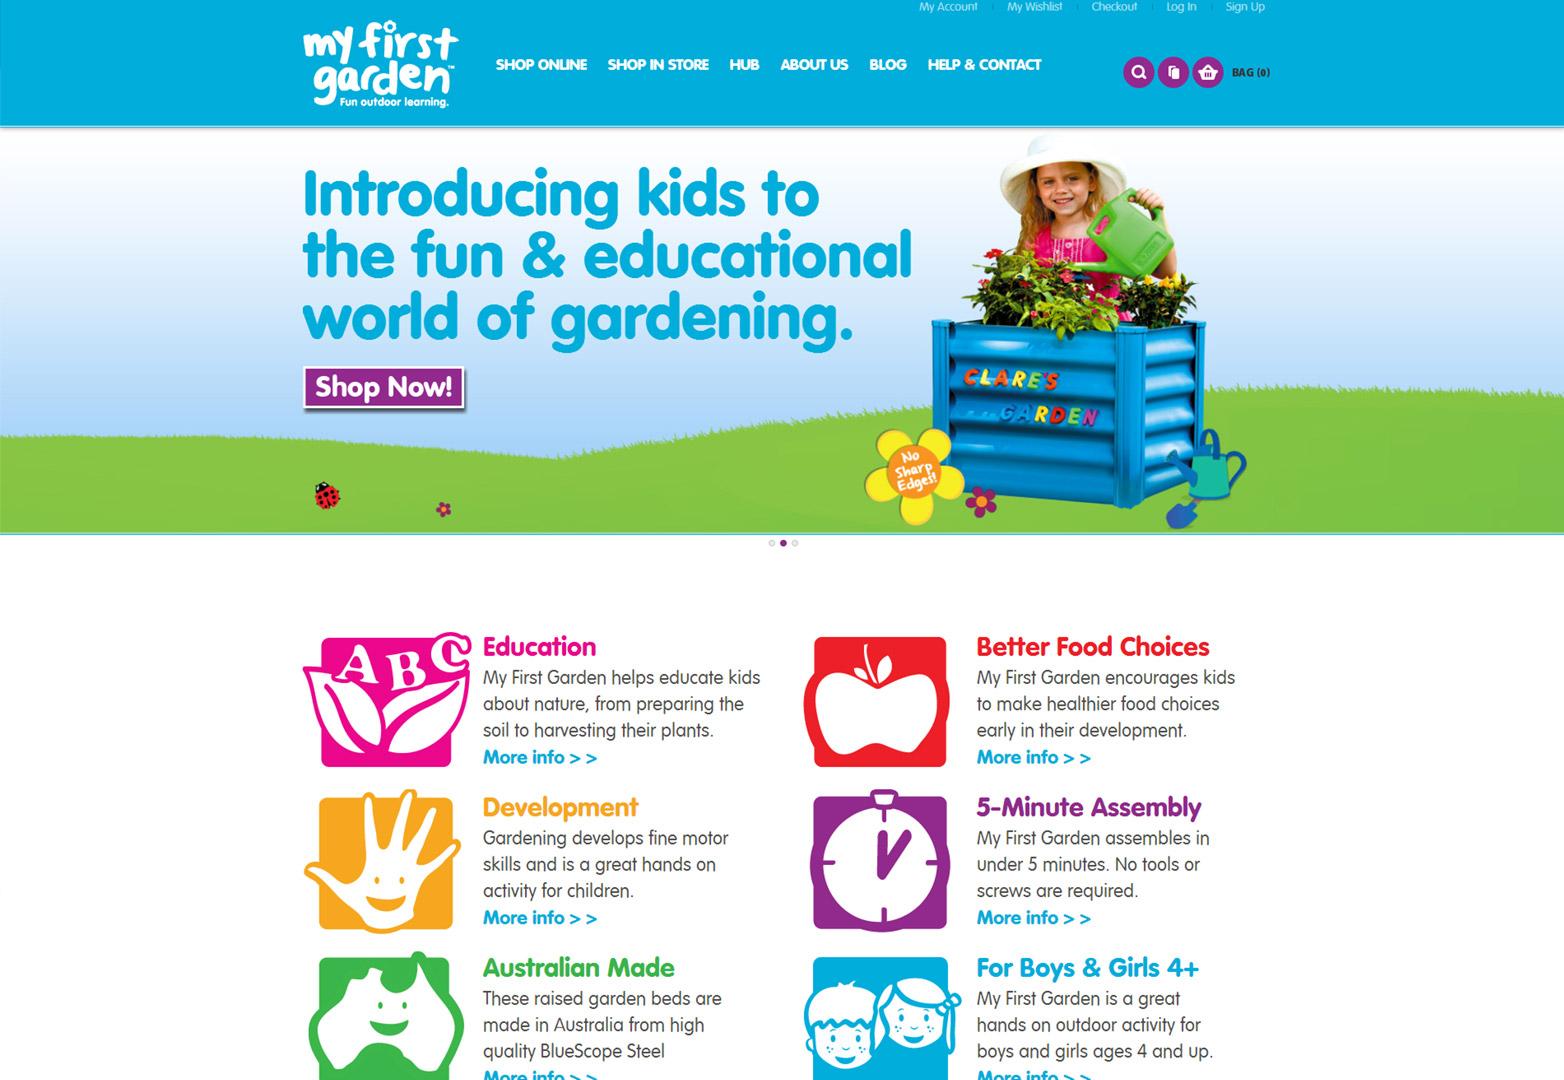 My First Garden homepage on desktop view